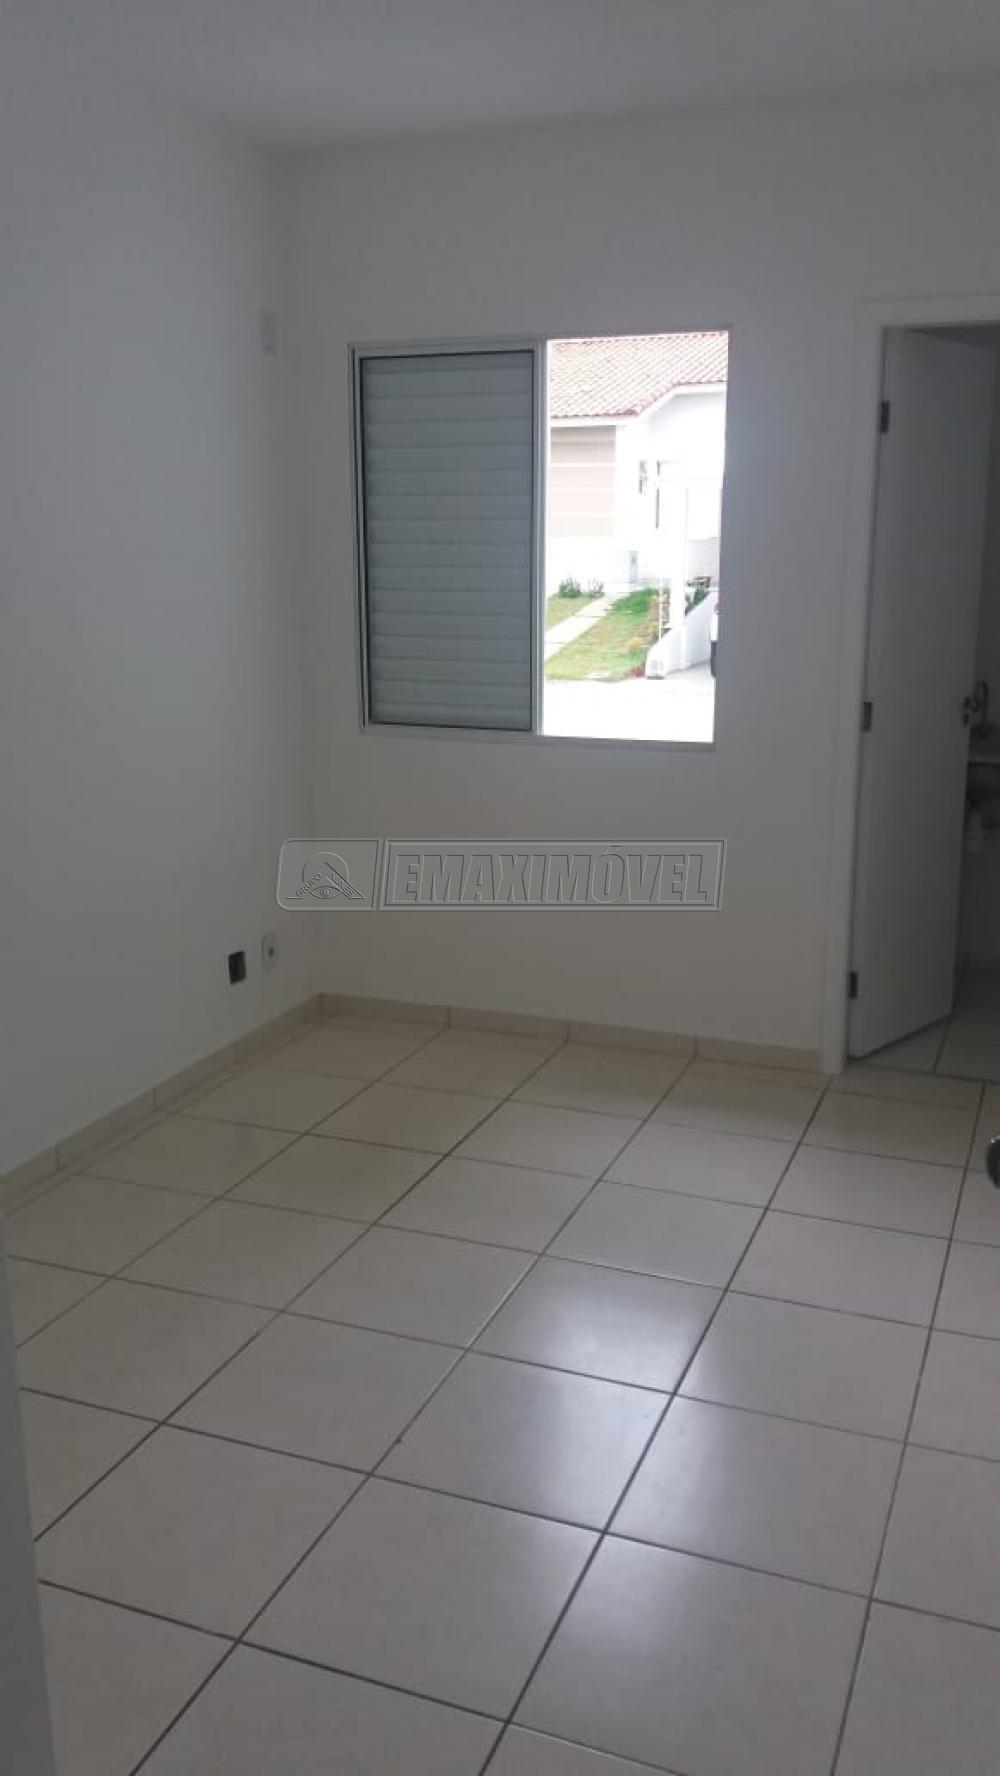 Comprar Casas / em Condomínios em Sorocaba apenas R$ 245.000,00 - Foto 13